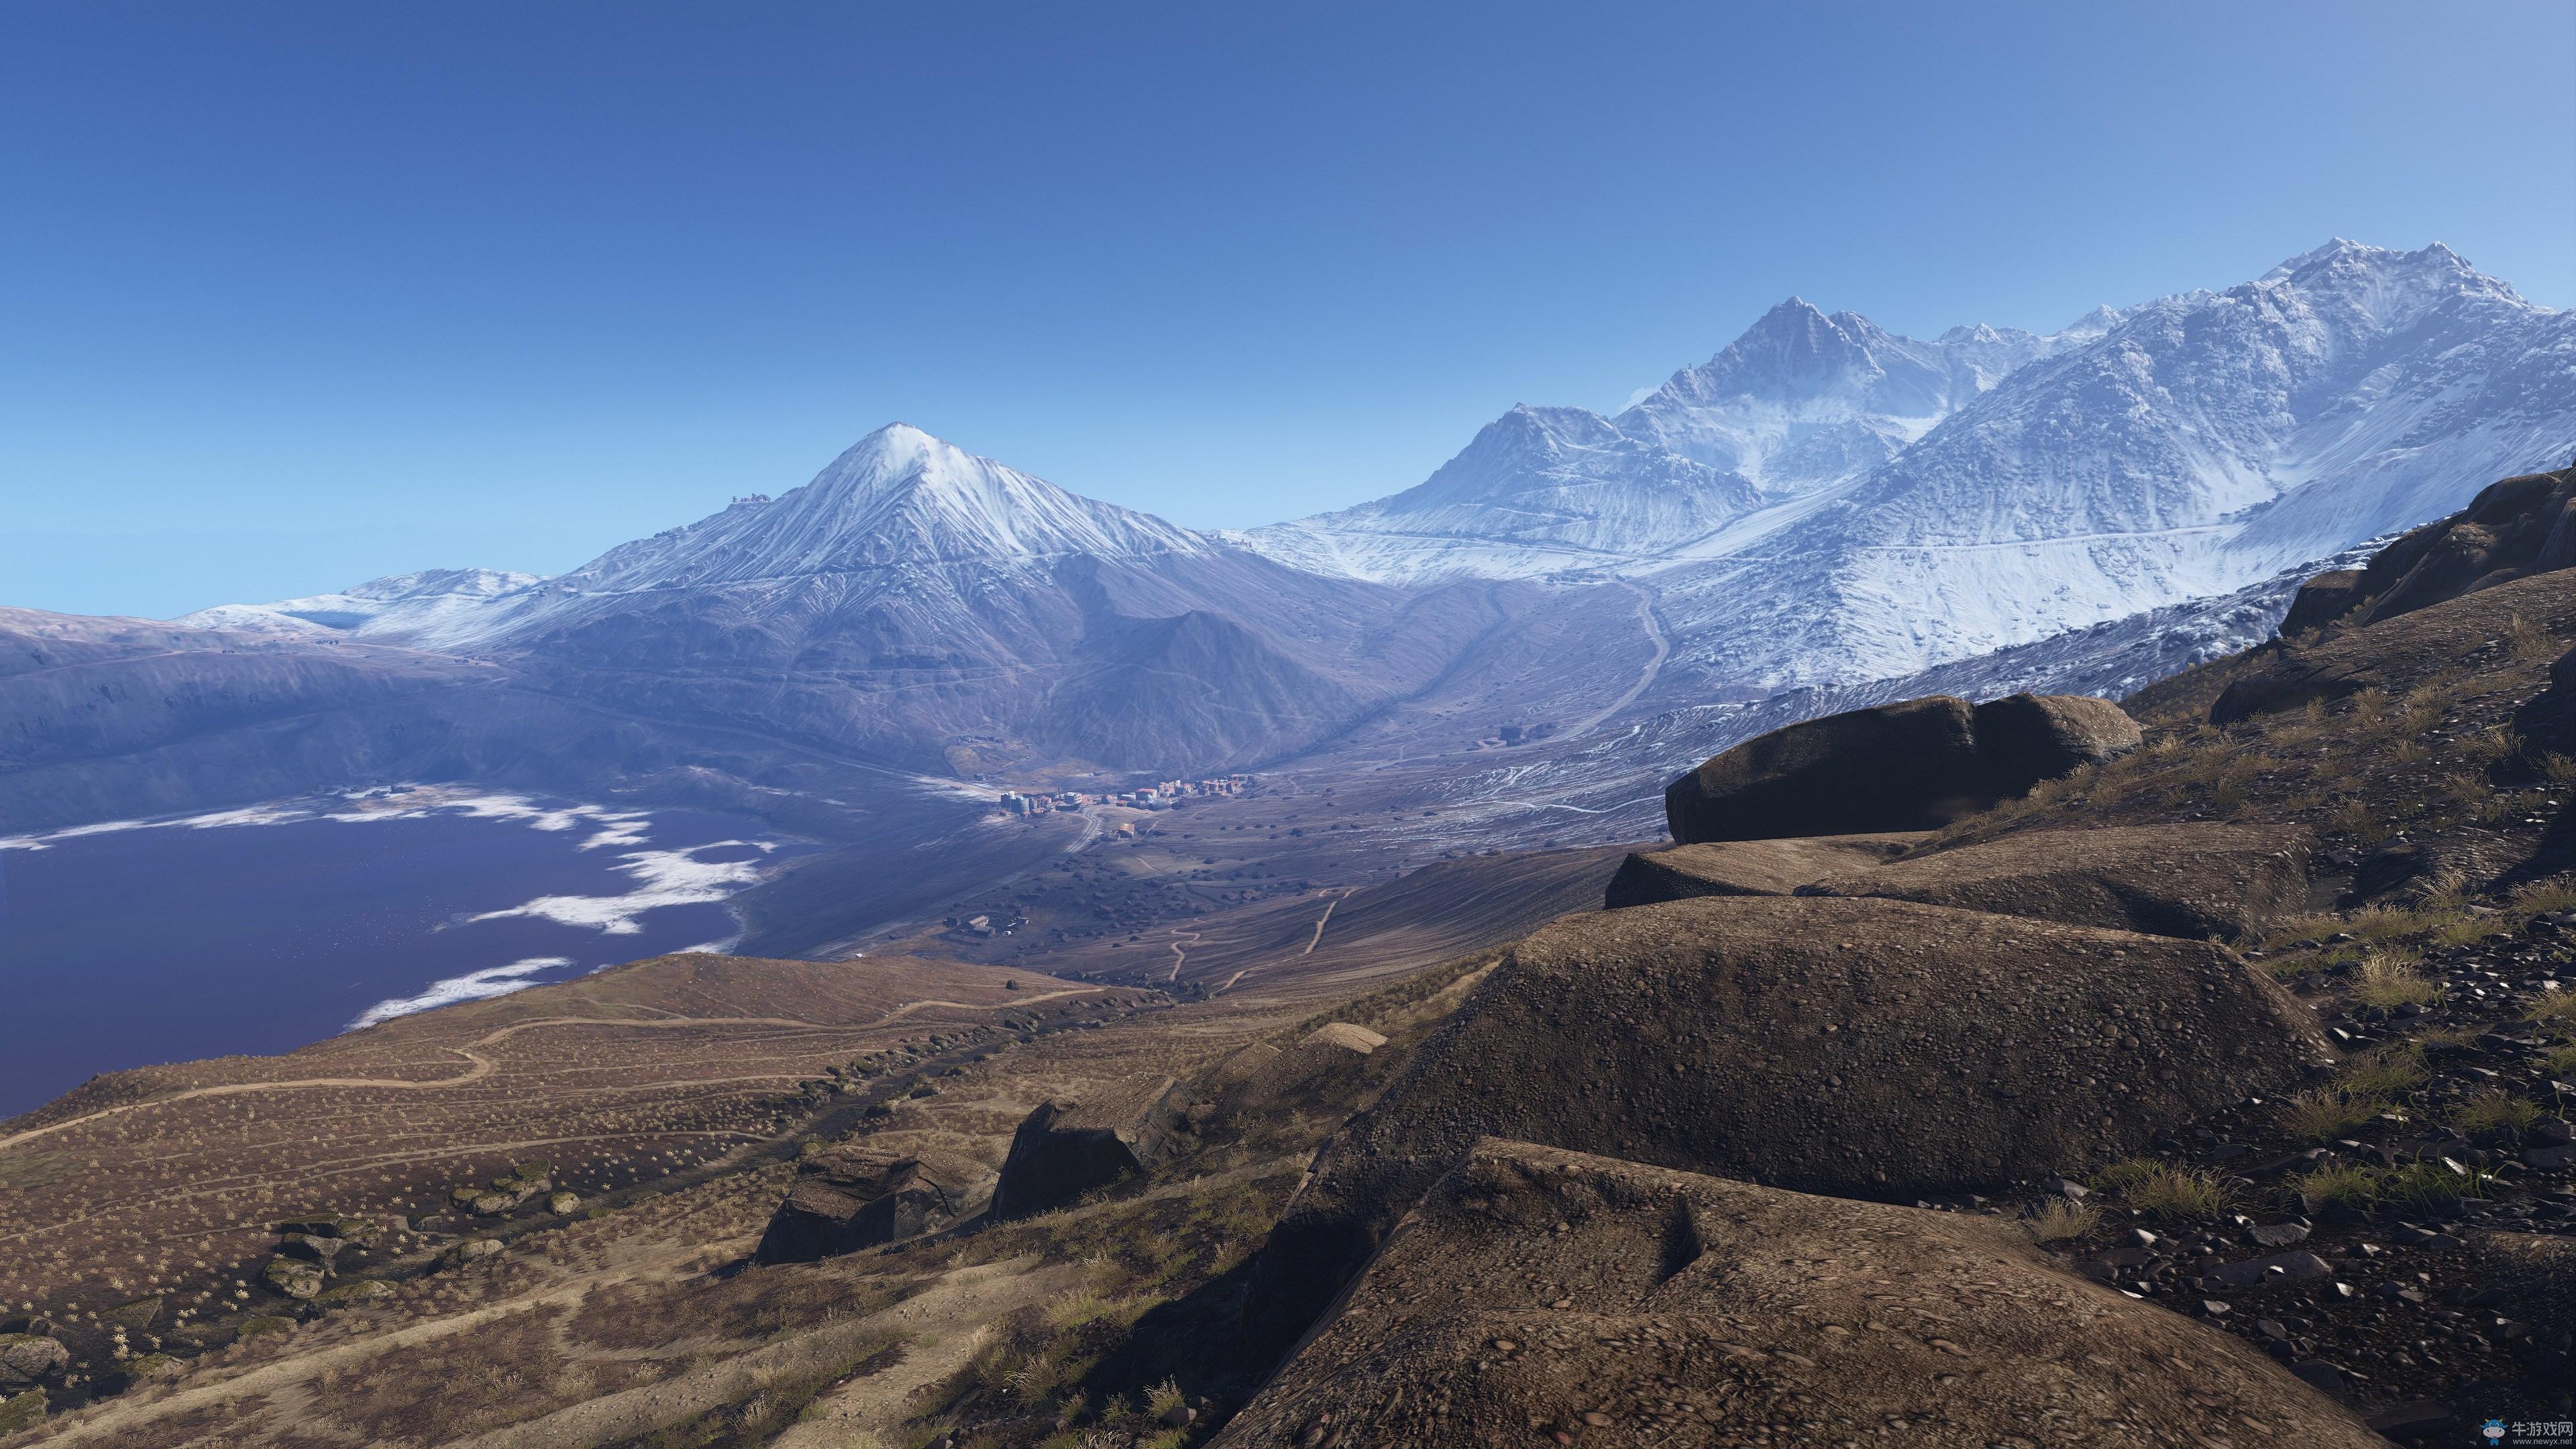 《幽灵行动:荒野》4K画质展示 令人惊叹 - 游戏